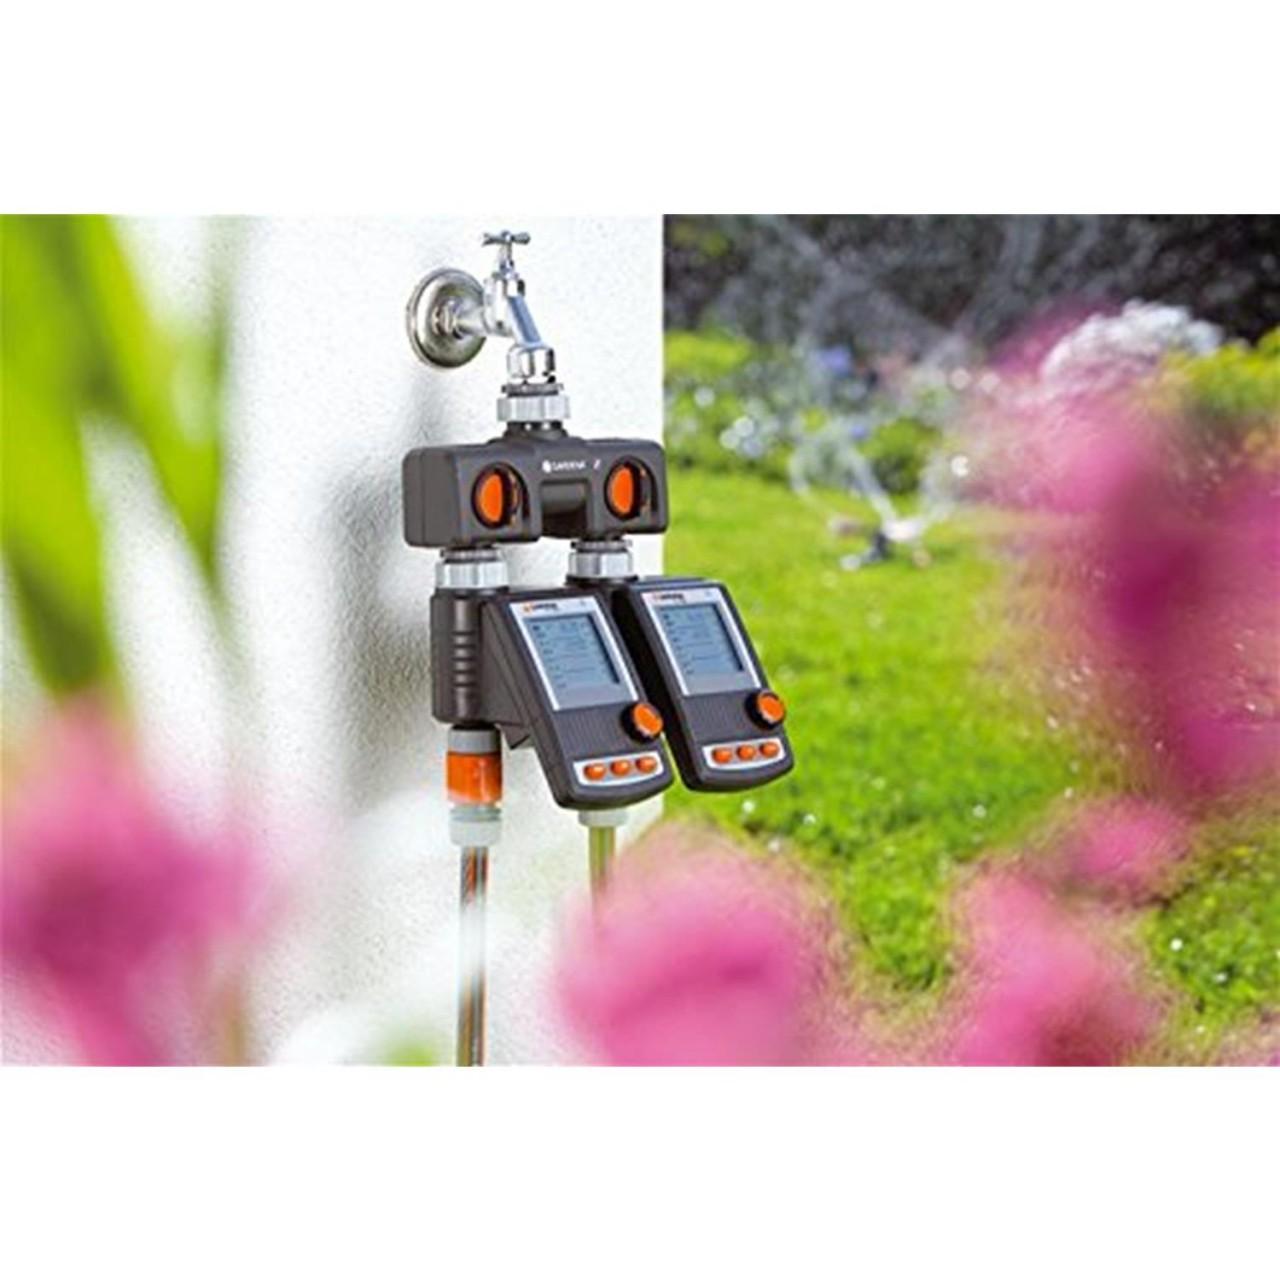 Gardena 2-Wege-Verteiler 8193-20 2 Anschlüsse Wasserhahn Verteiler Steckkupplung